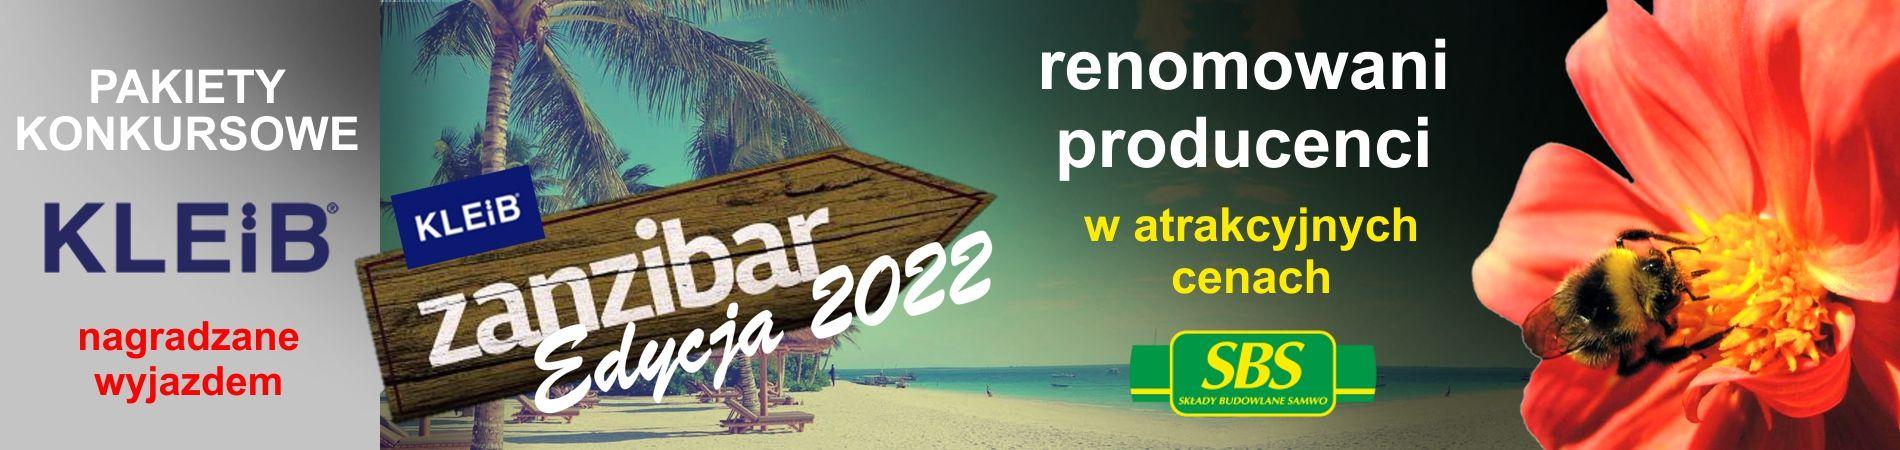 Składy Budowlane SAMWO sp. z o.o. :: KLEiB - Pakiety konkursowe na wyjazd turystyczny na Zanzibar - do 20.08.2021